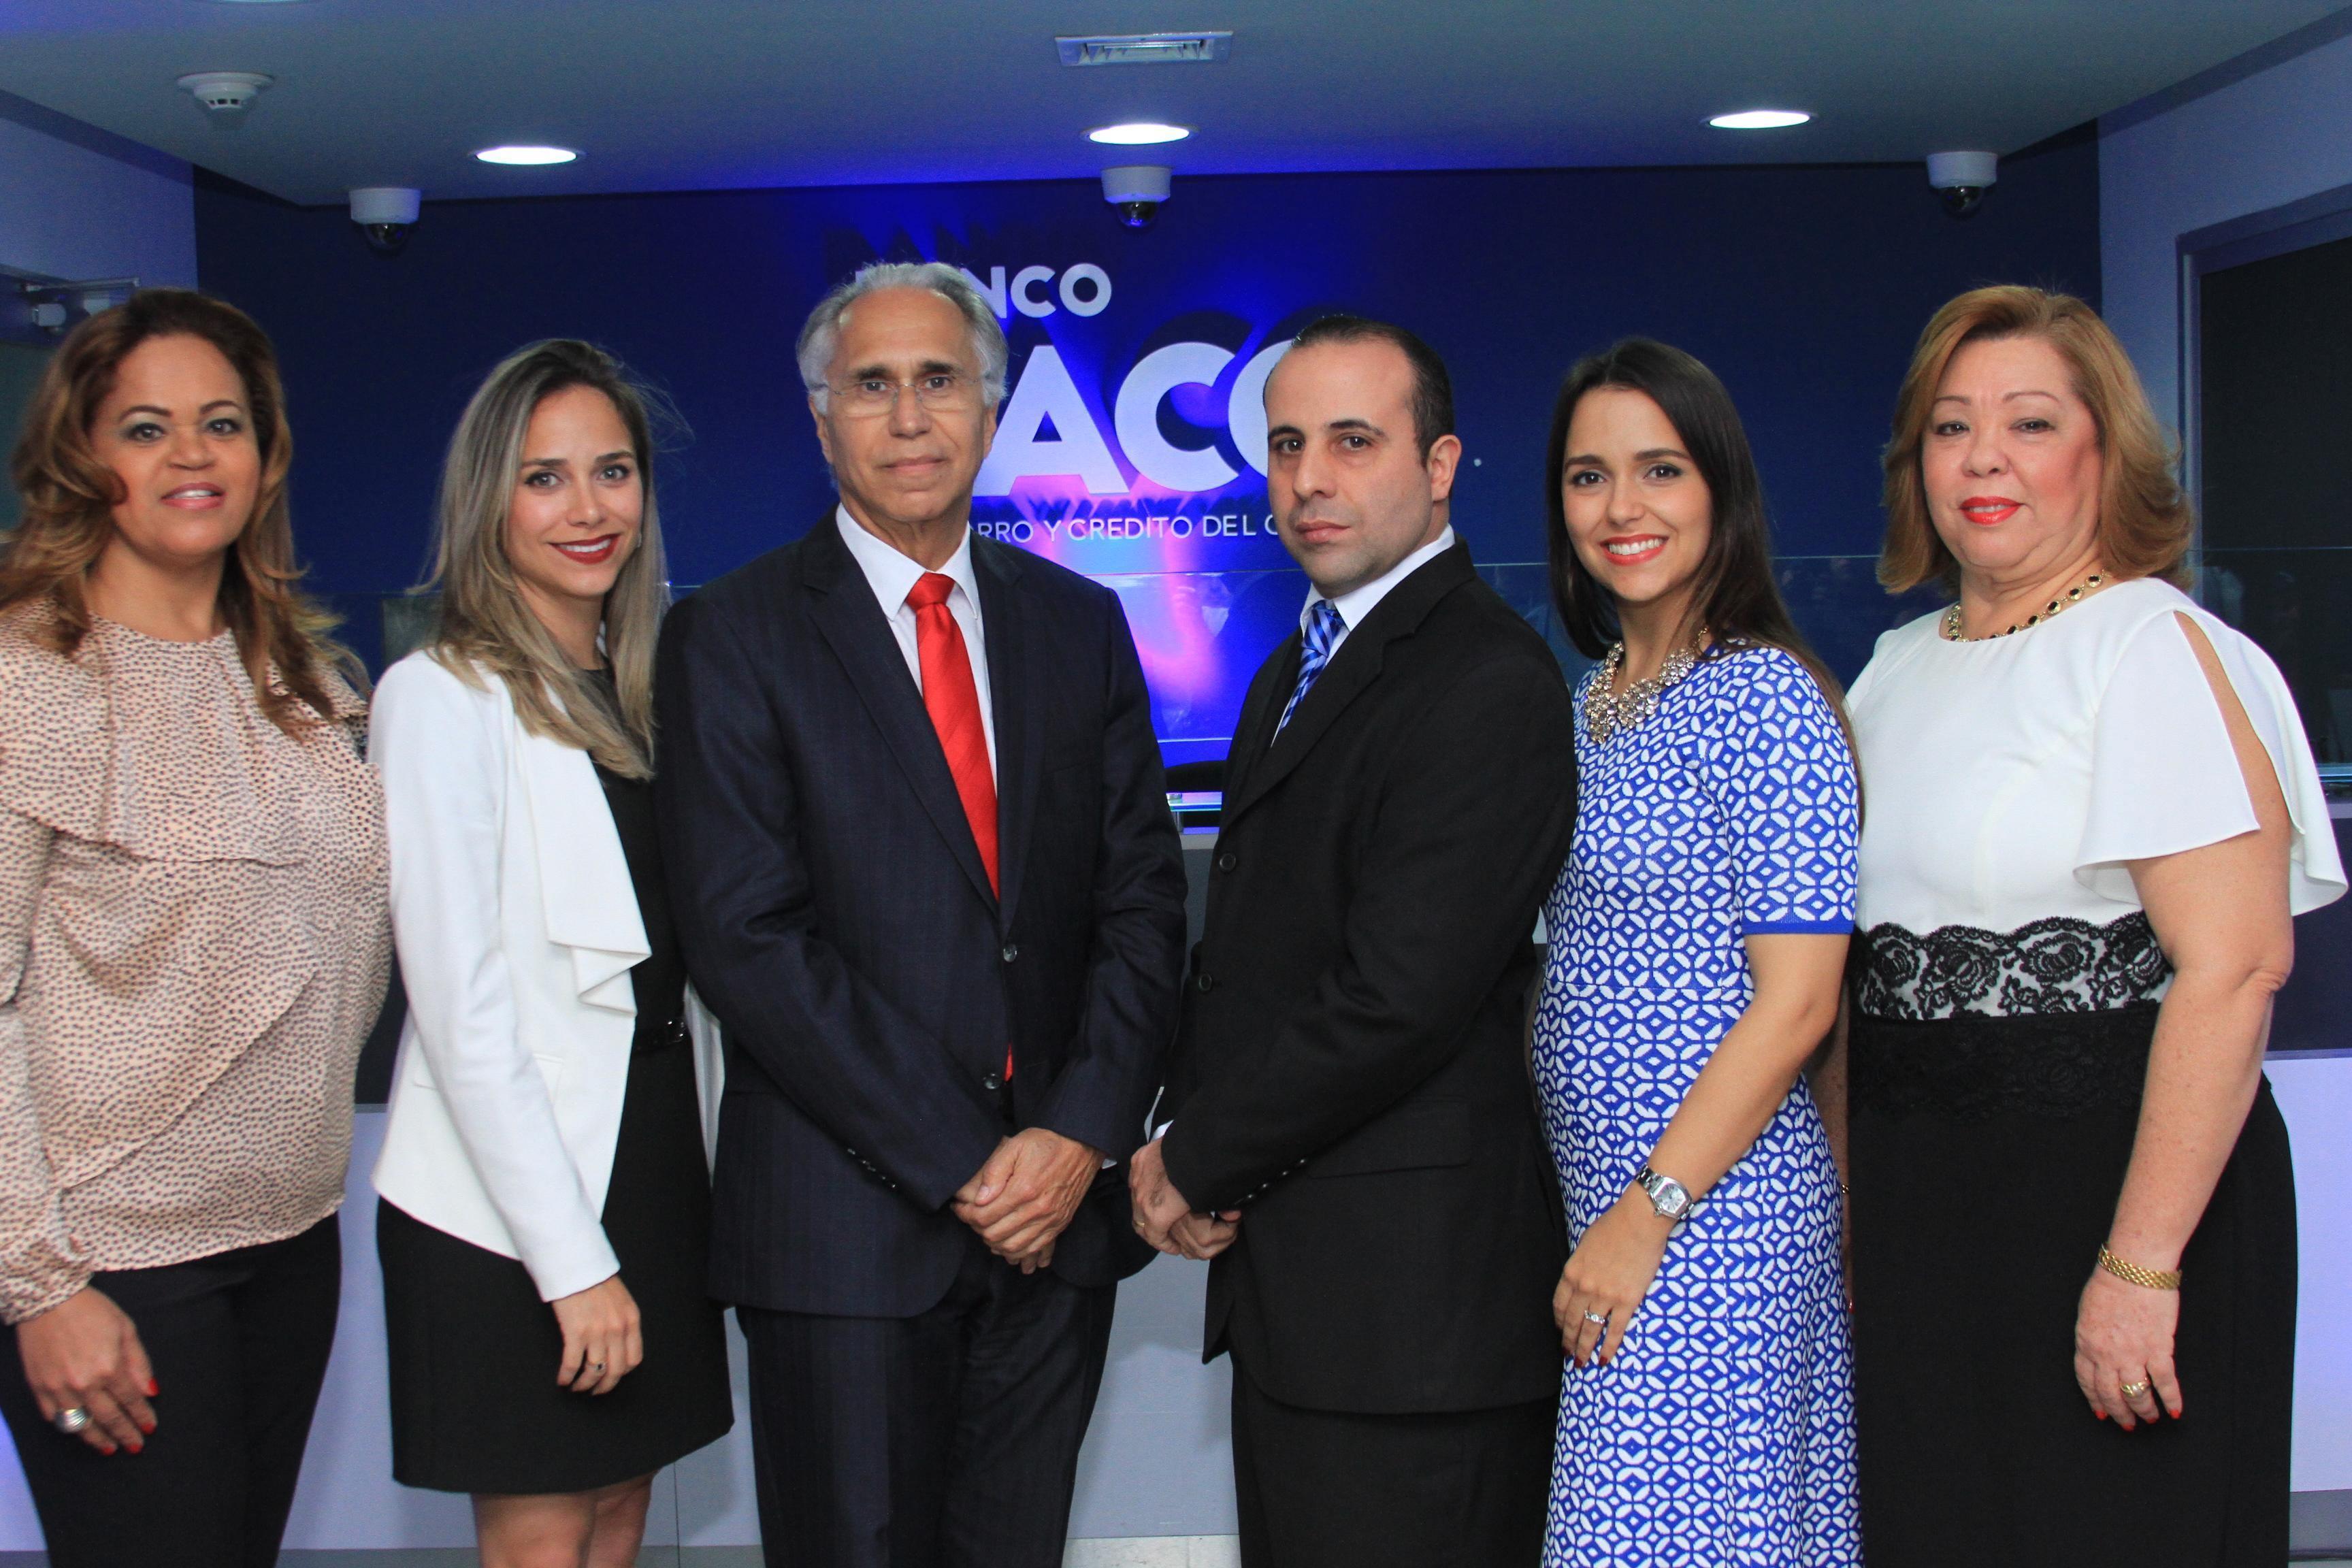 BANCO DE AHORRO Y CRÉDITO DEL CARIBE PRESENTA NUEVA IDENTIDAD CORPORATIVA